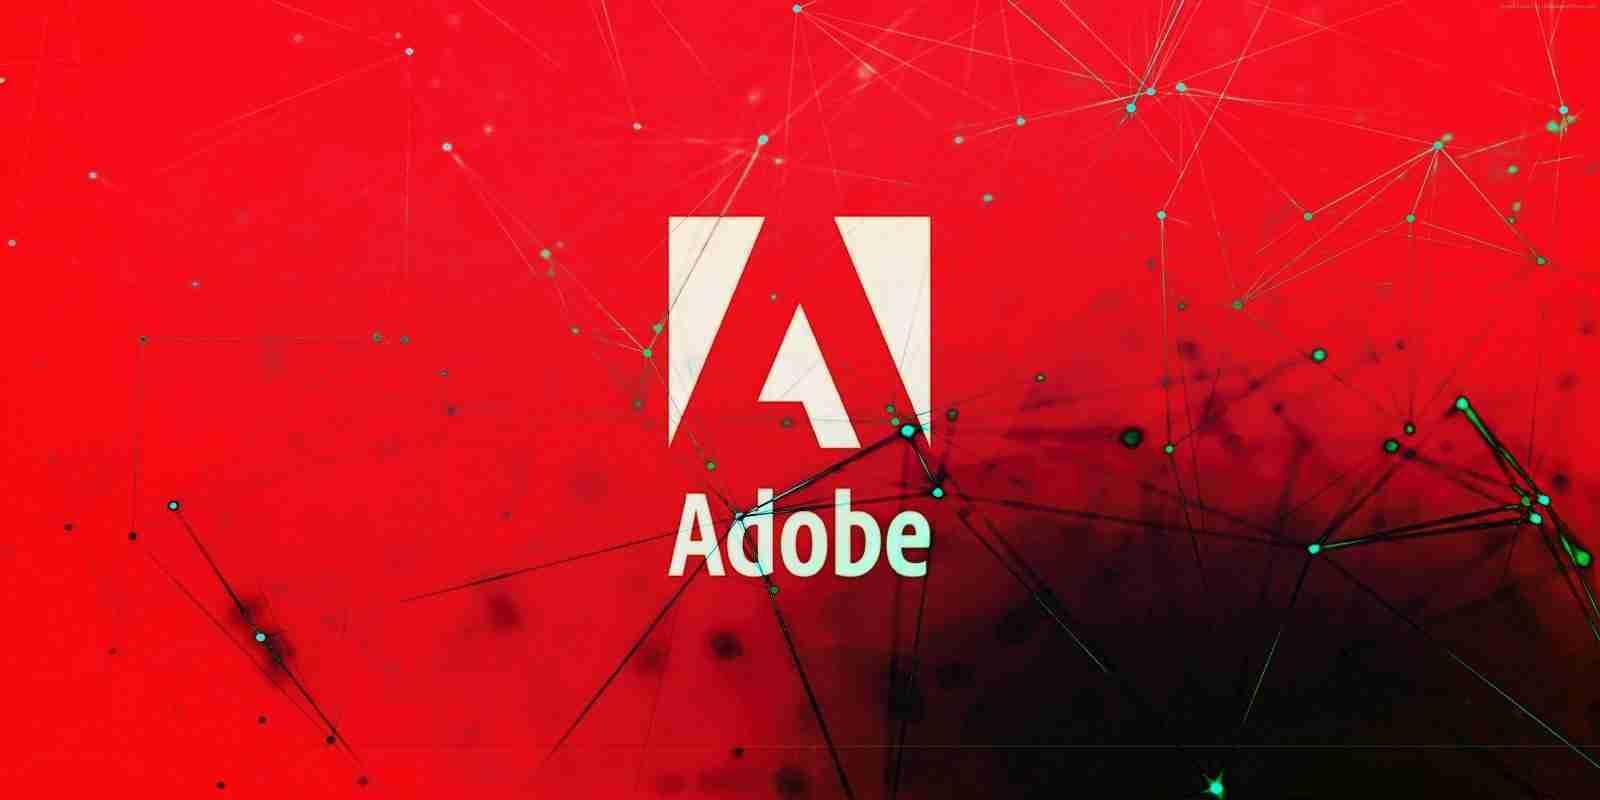 Adobe updates fix 28 vulnerabilities in 6 programs